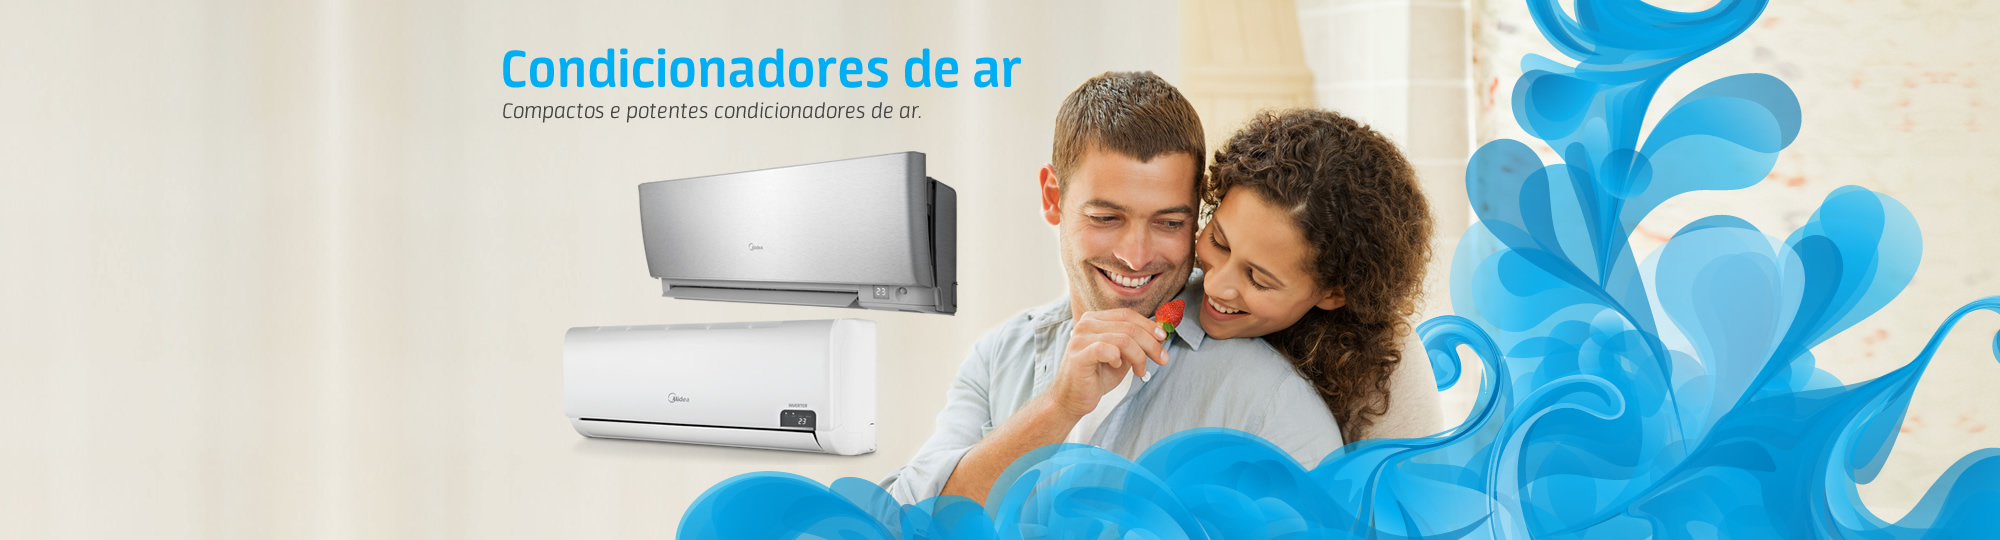 Condicionadores de ar